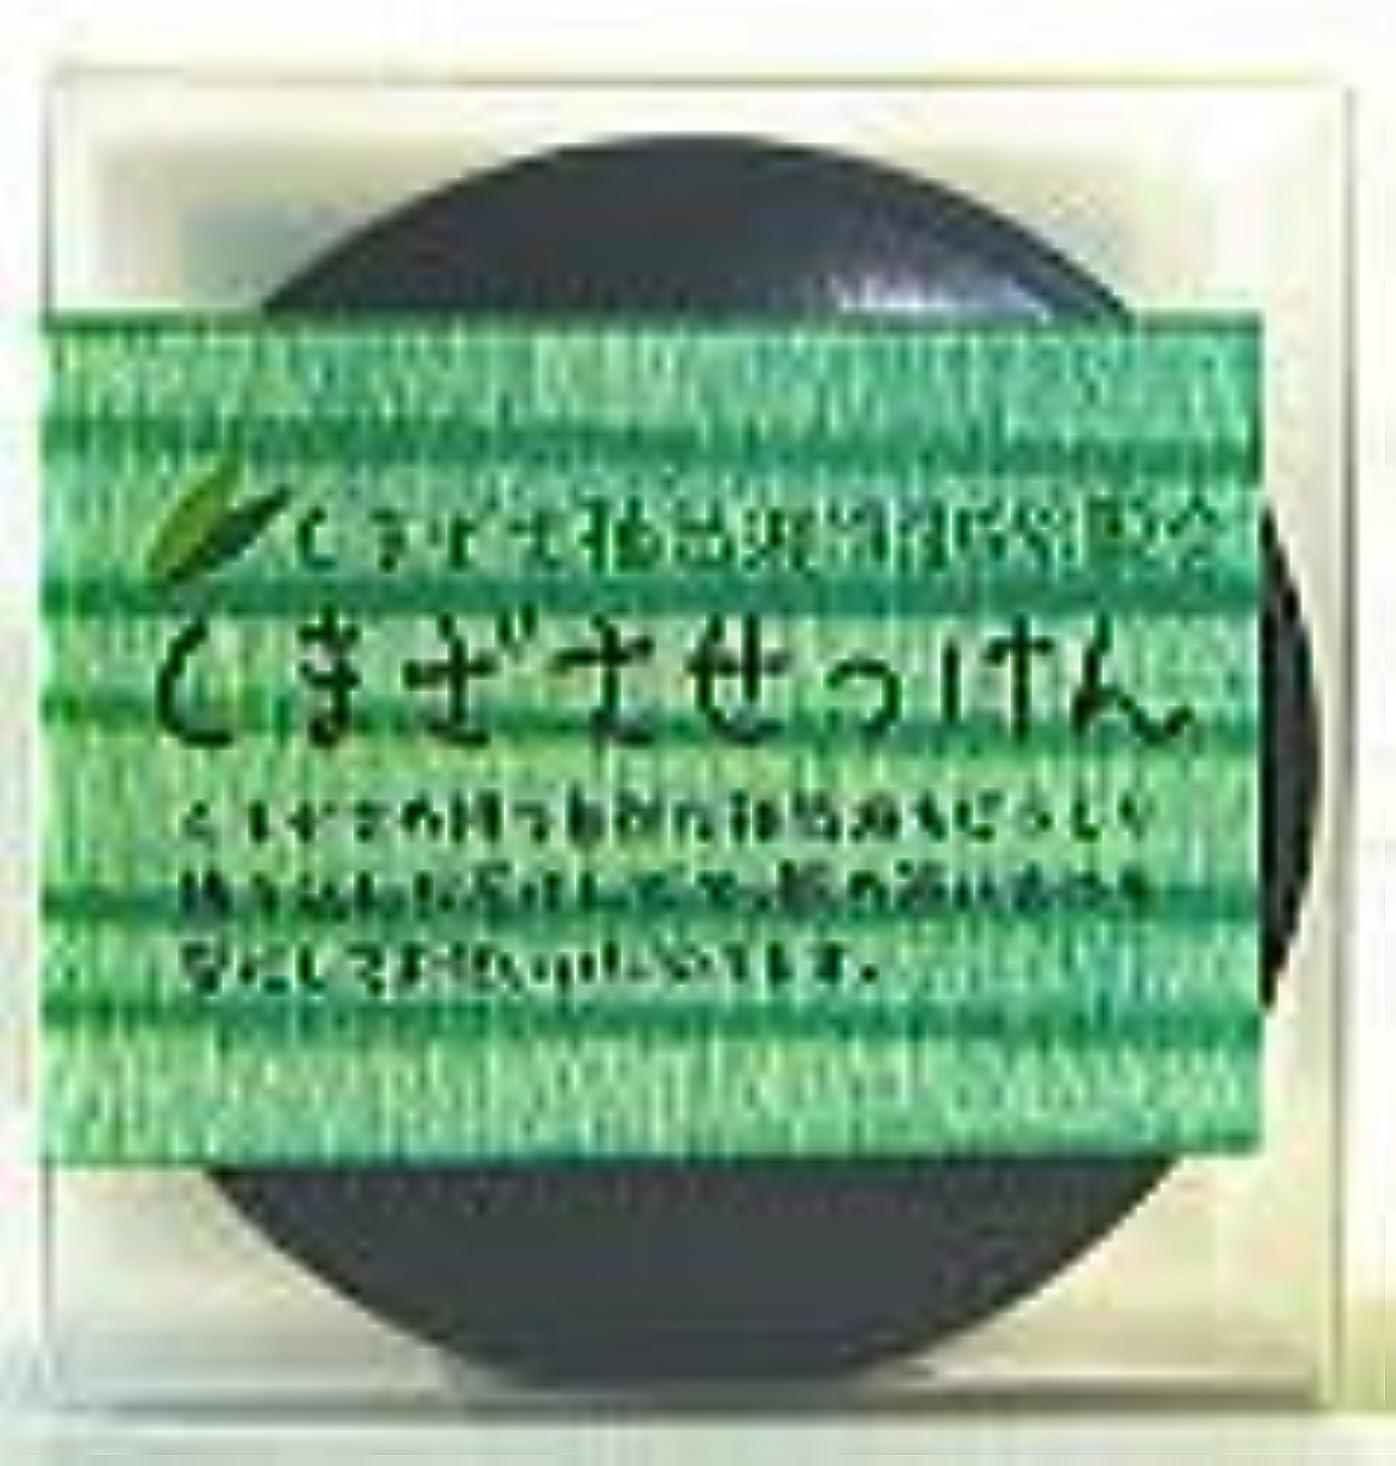 委員長ガラガラ草サンクロン クマザサ石鹸 100g×3